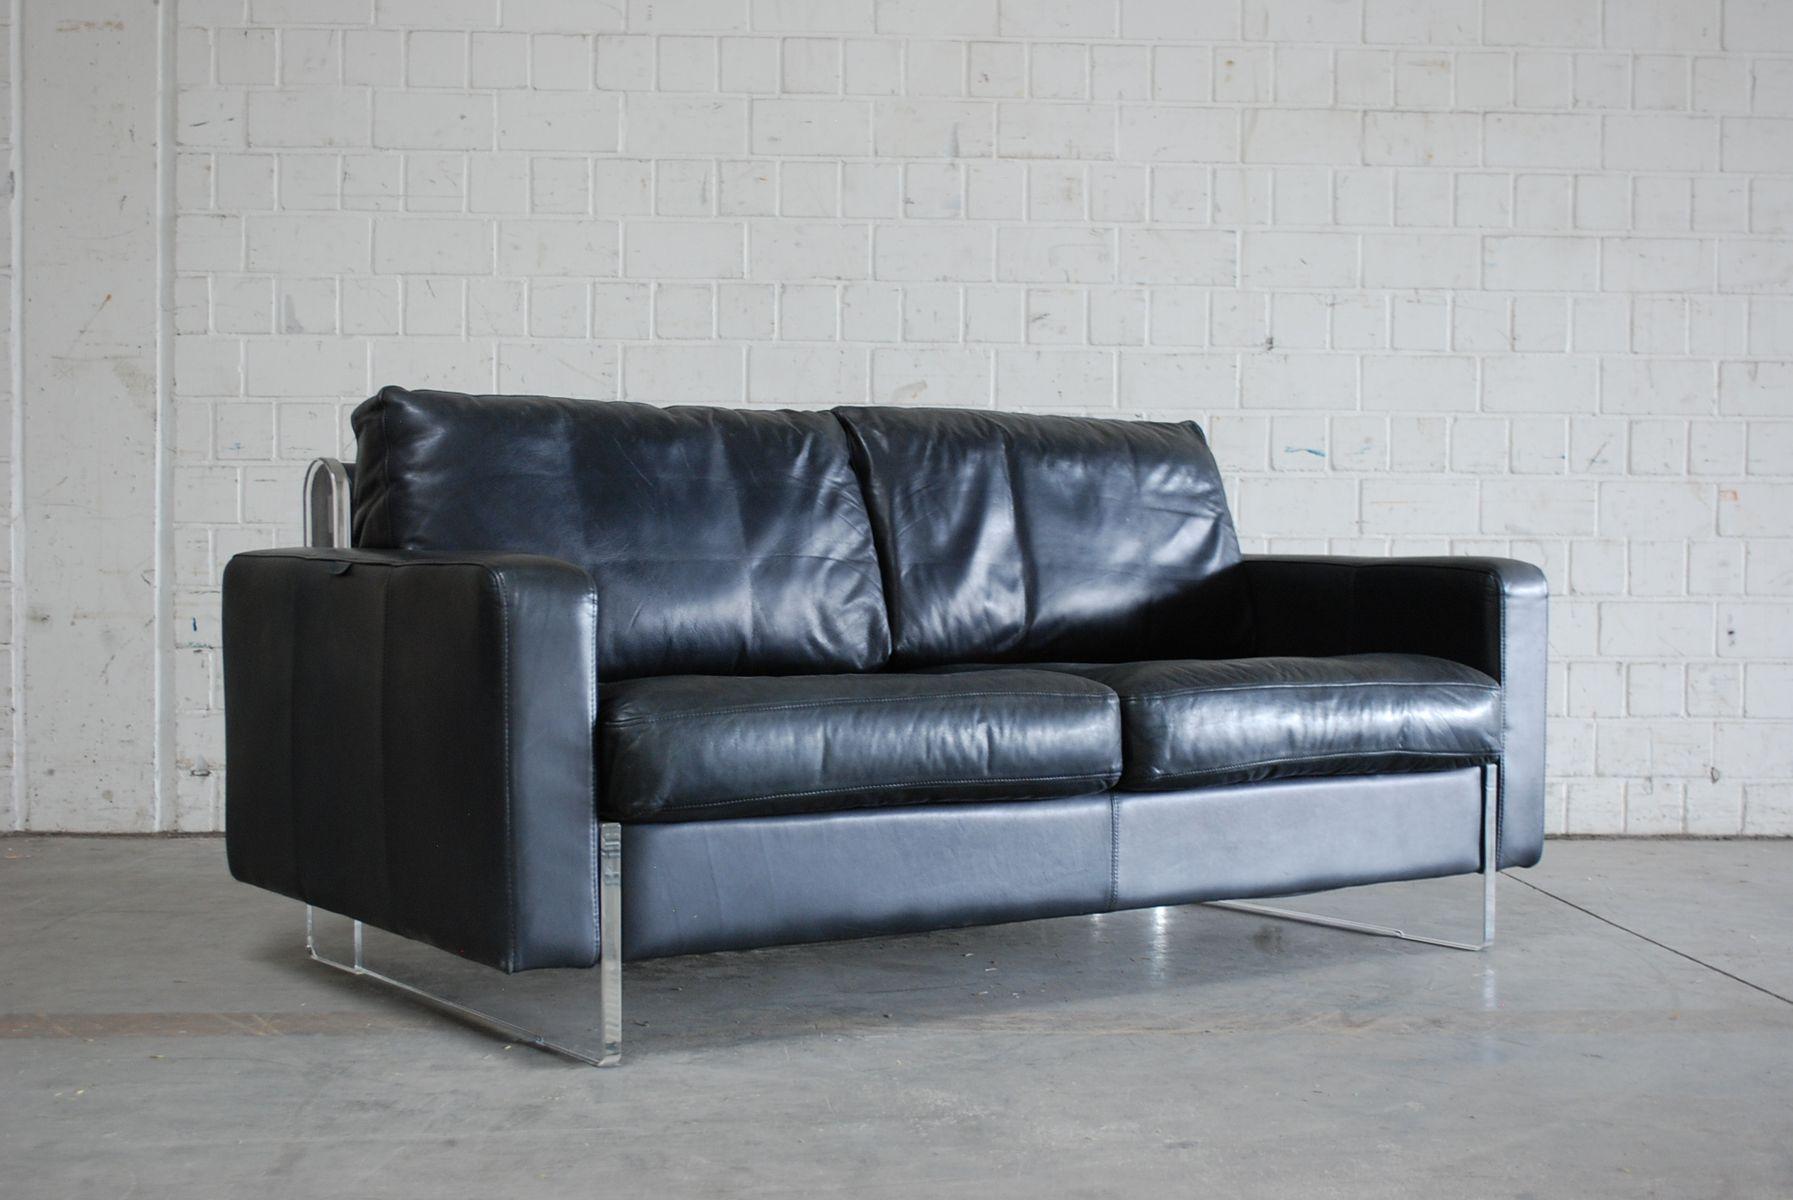 schwarzes vintage ledersofa von lavalina bei pamono kaufen. Black Bedroom Furniture Sets. Home Design Ideas